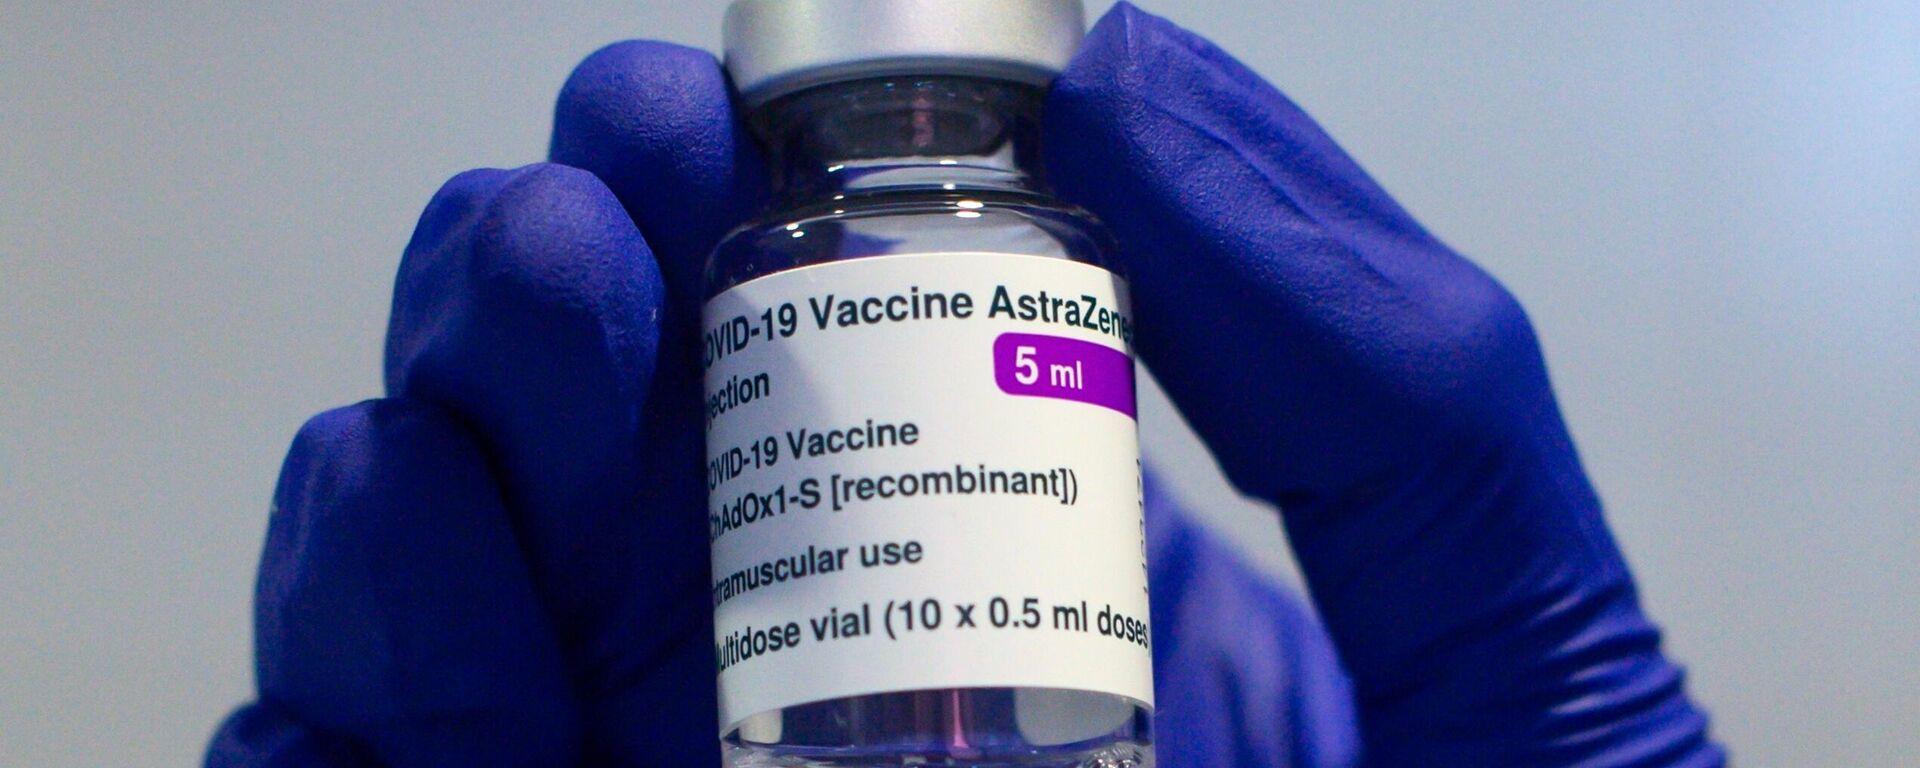 Το εμβόλιο της AstraZeneca - Sputnik Ελλάδα, 1920, 04.09.2021